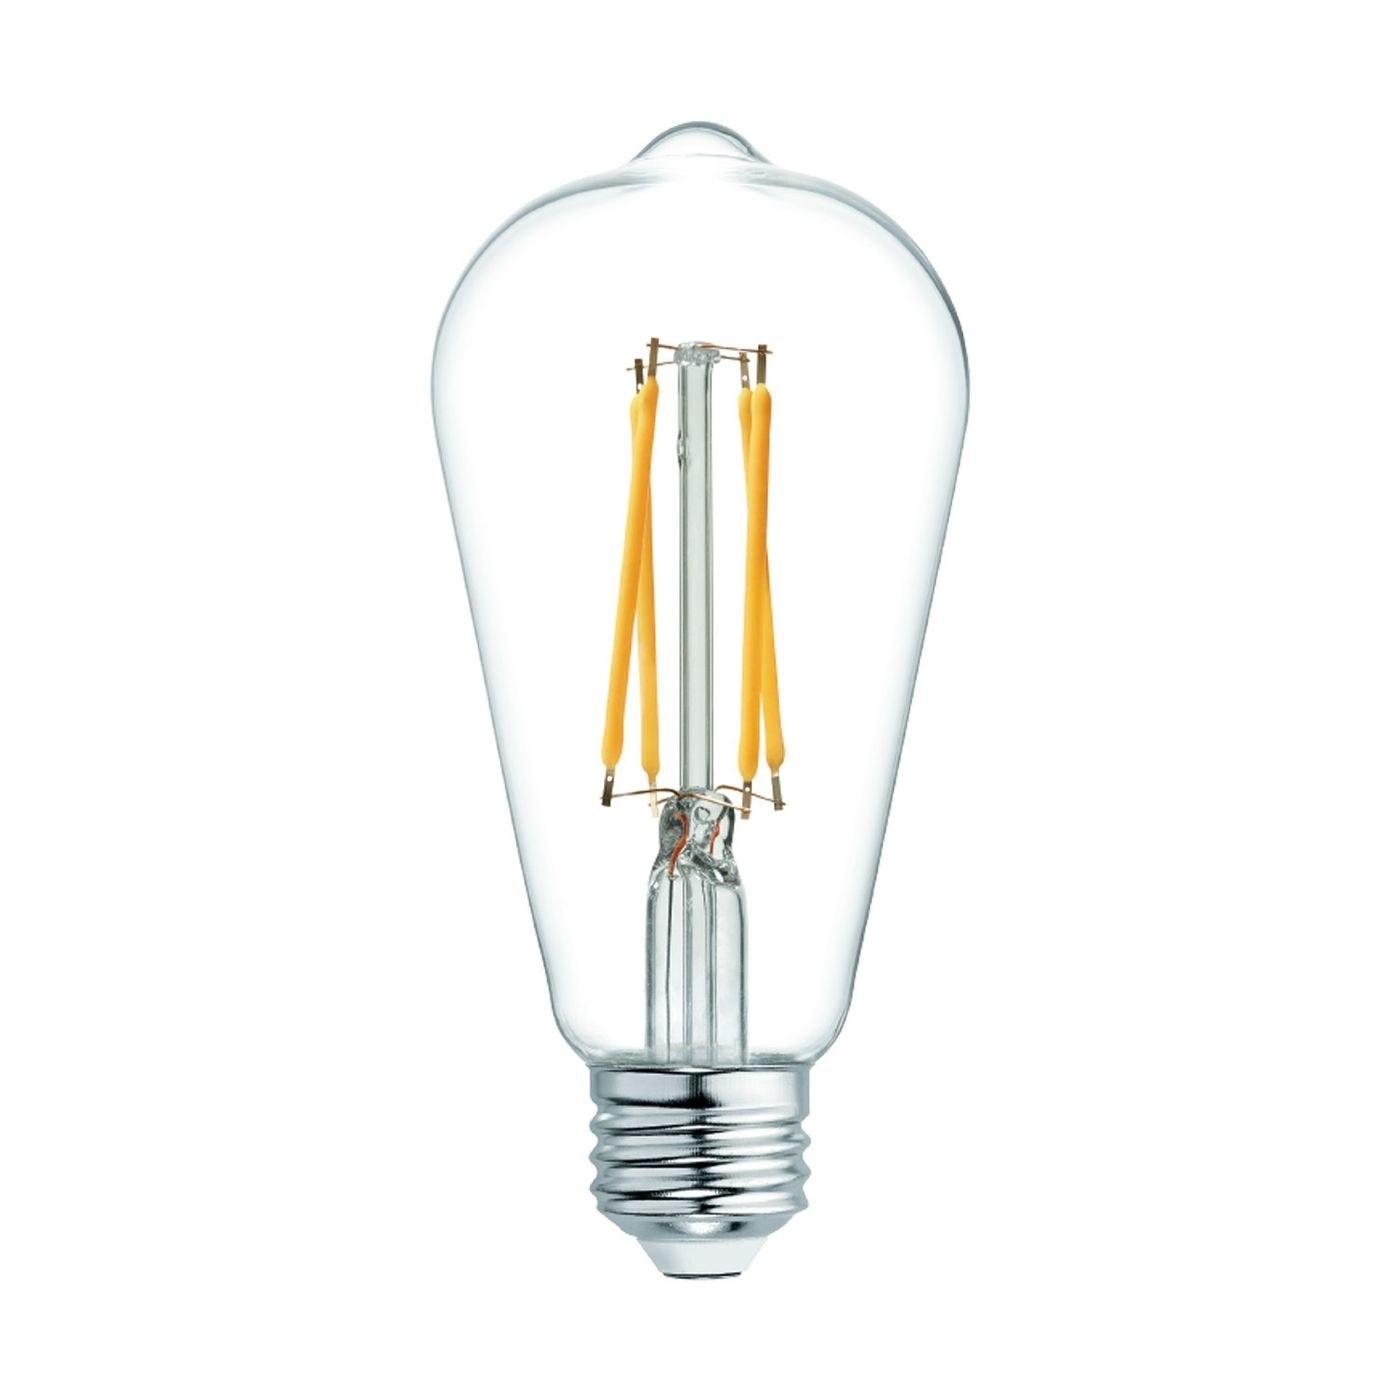 The Edison bulb